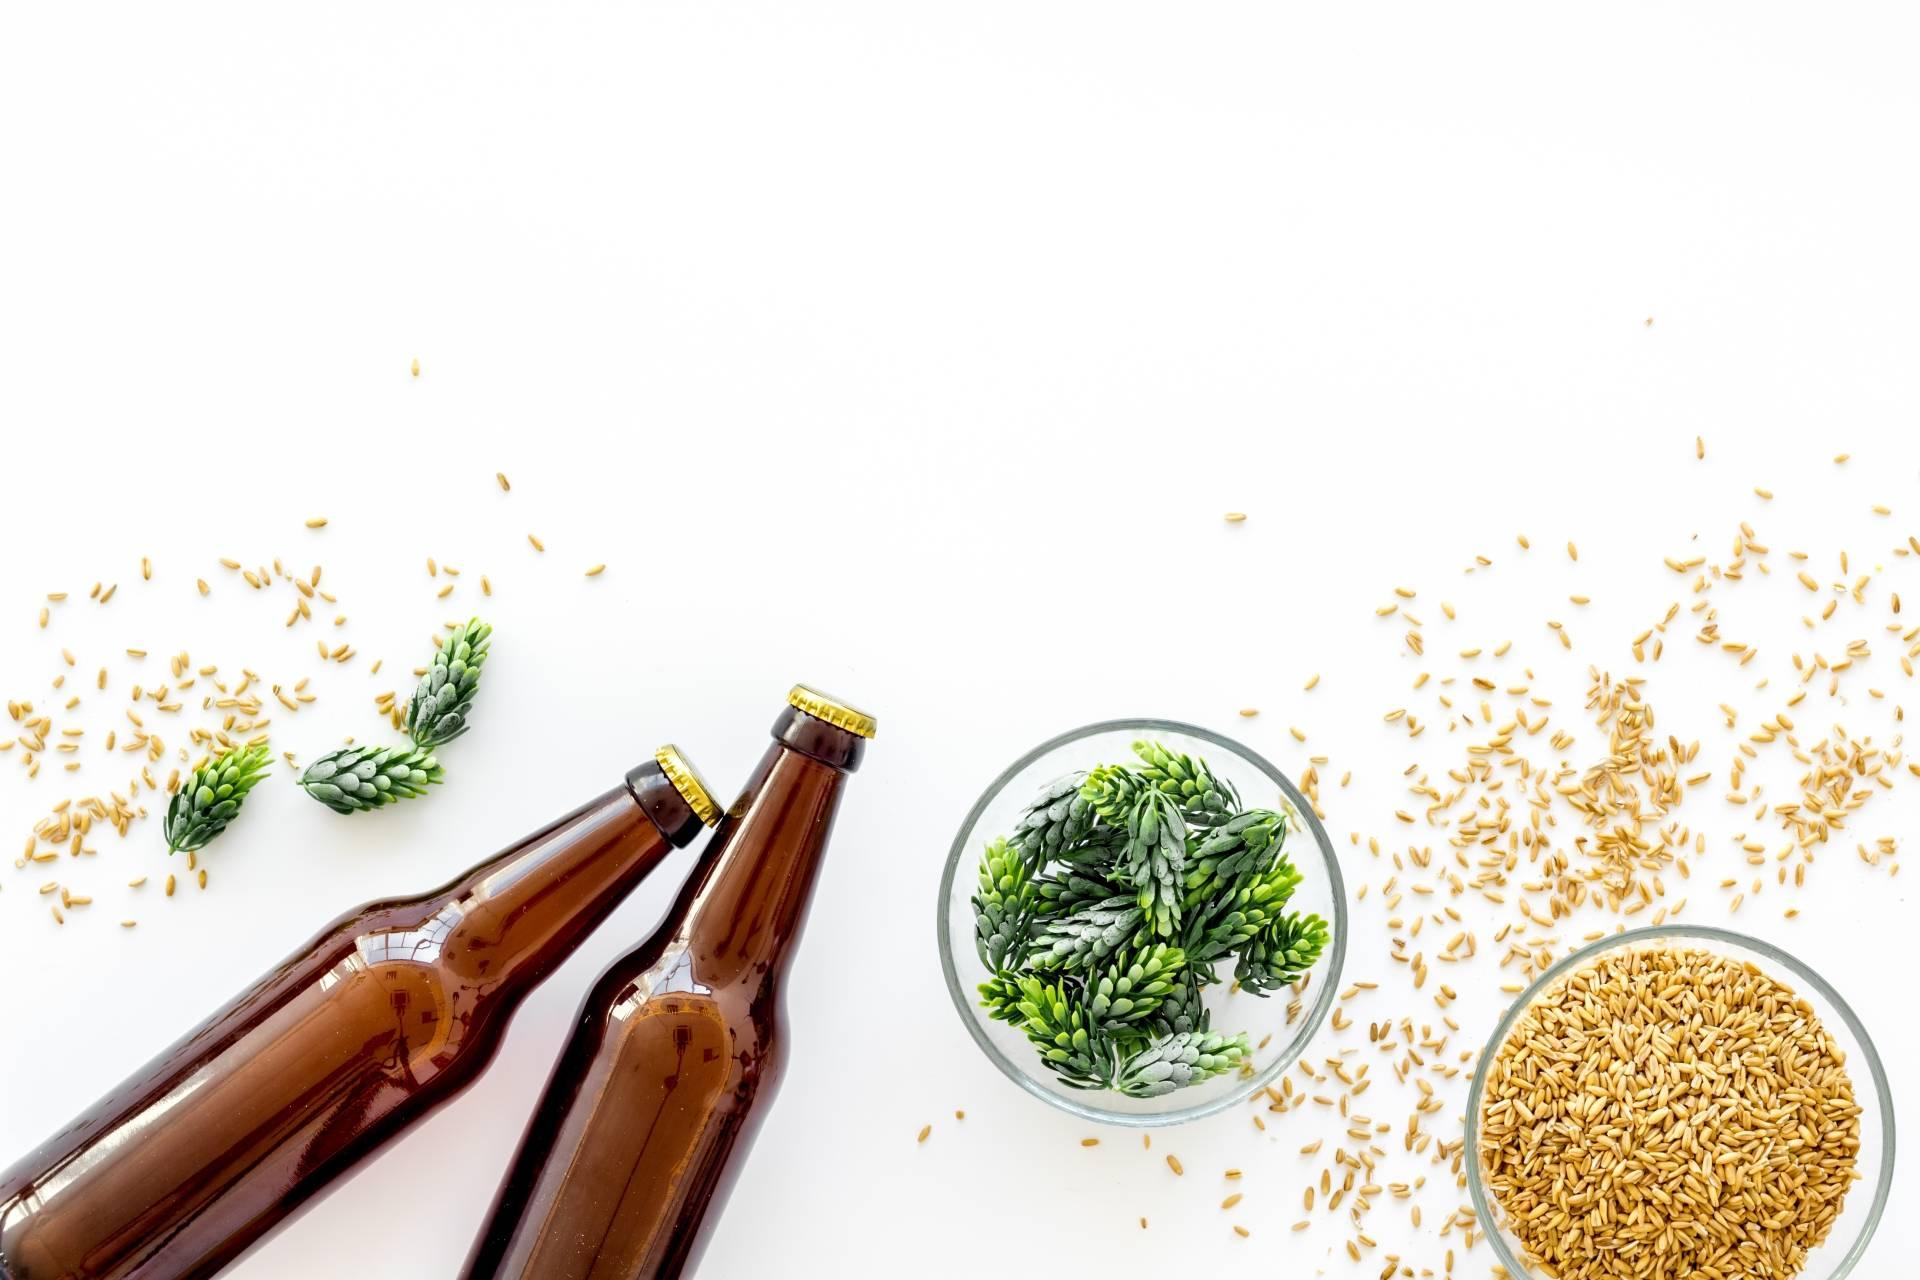 Piwo na włosy. Dwie ciemne butelki piwa leżą na białym blacie. Obok stoją miseczki z chmielem i jęczmieniem.